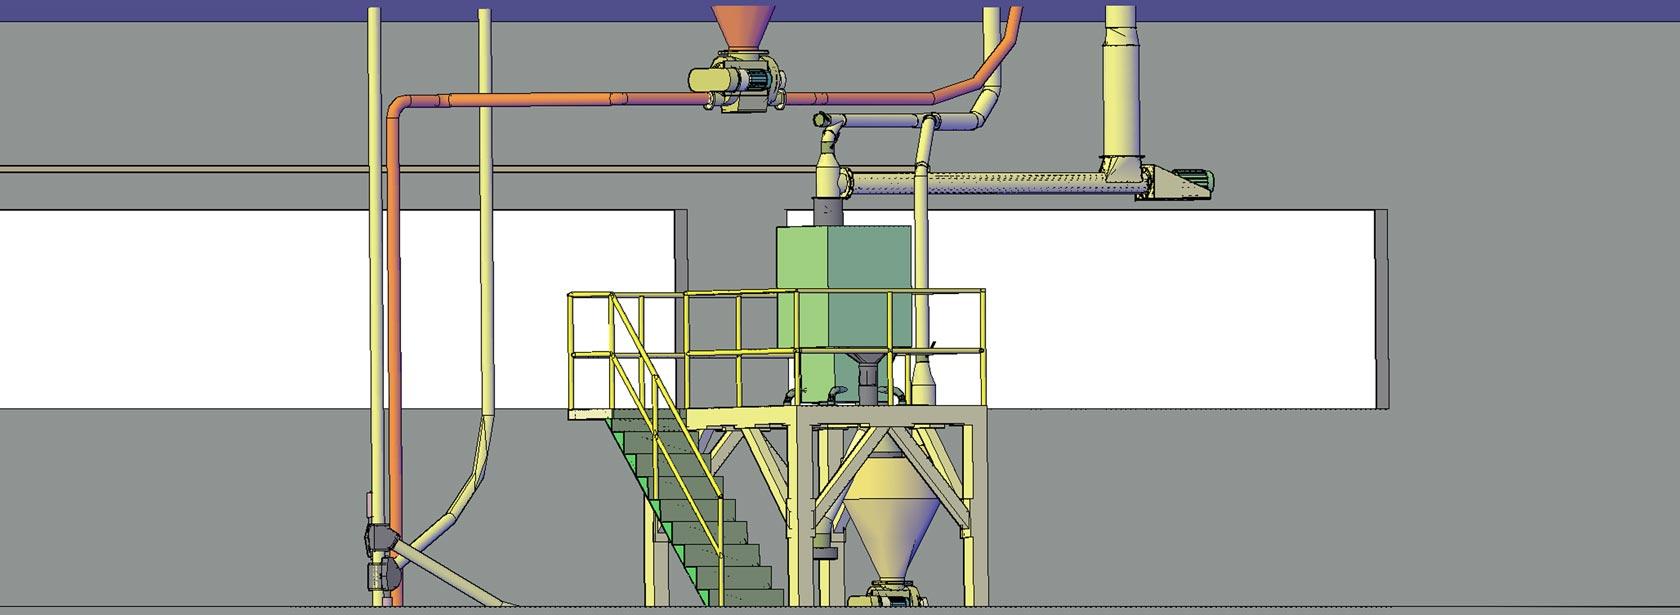 Βιομηχανικός Εξοπλισμός Βιομηχανικές Εγκαταστάσεις Βιομηχανικοι Αυτοματισμοι  - Βράικος (Vraykos)